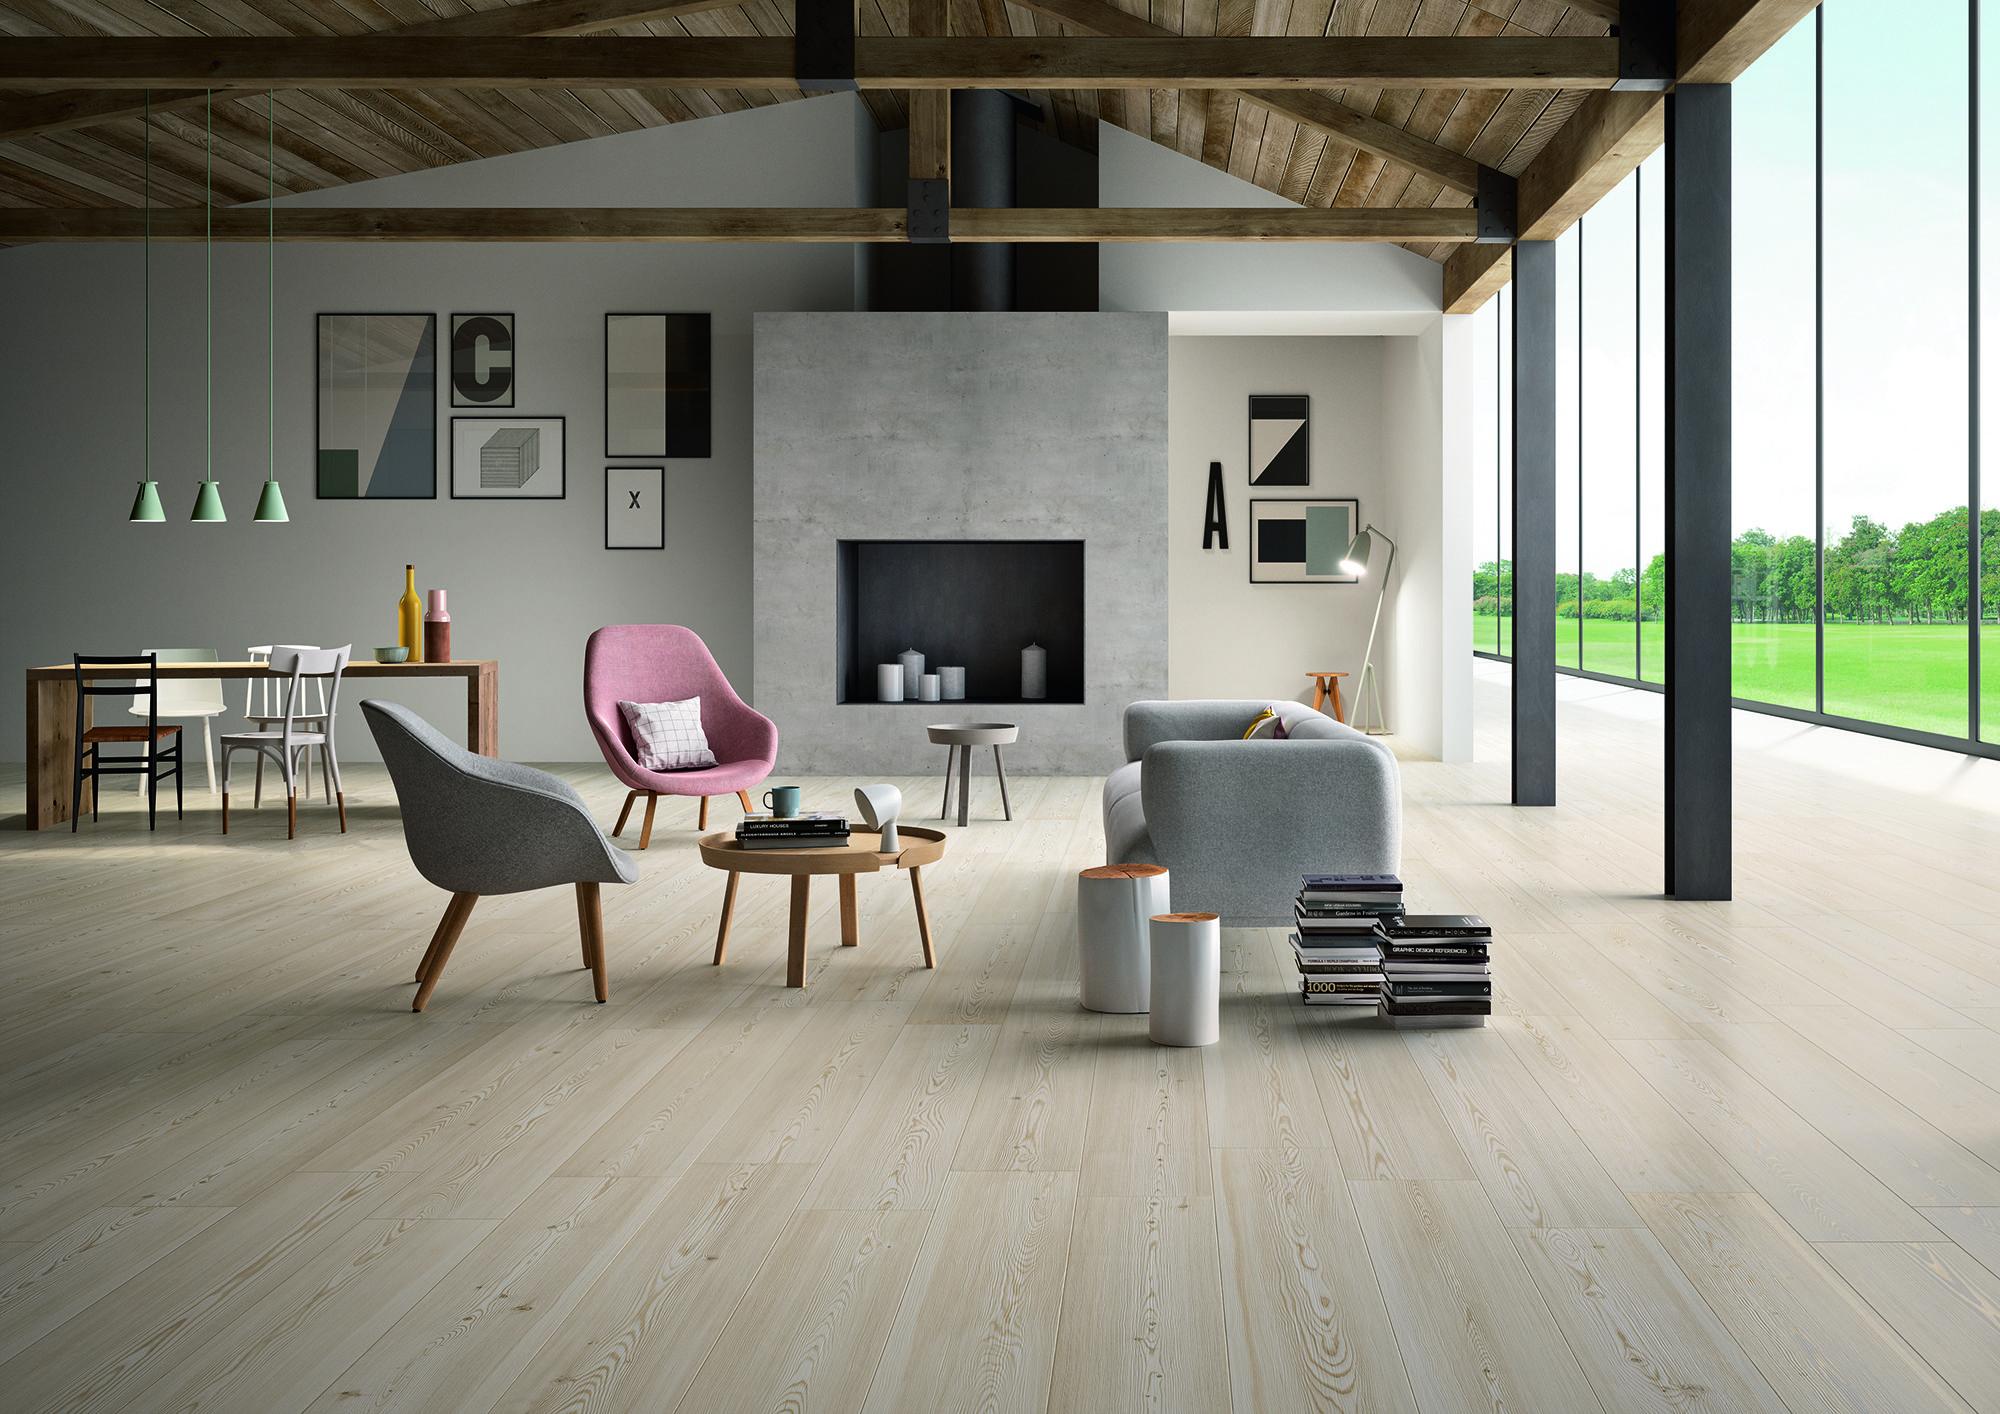 Marazzi treverktrend woodtiles floor livingroom